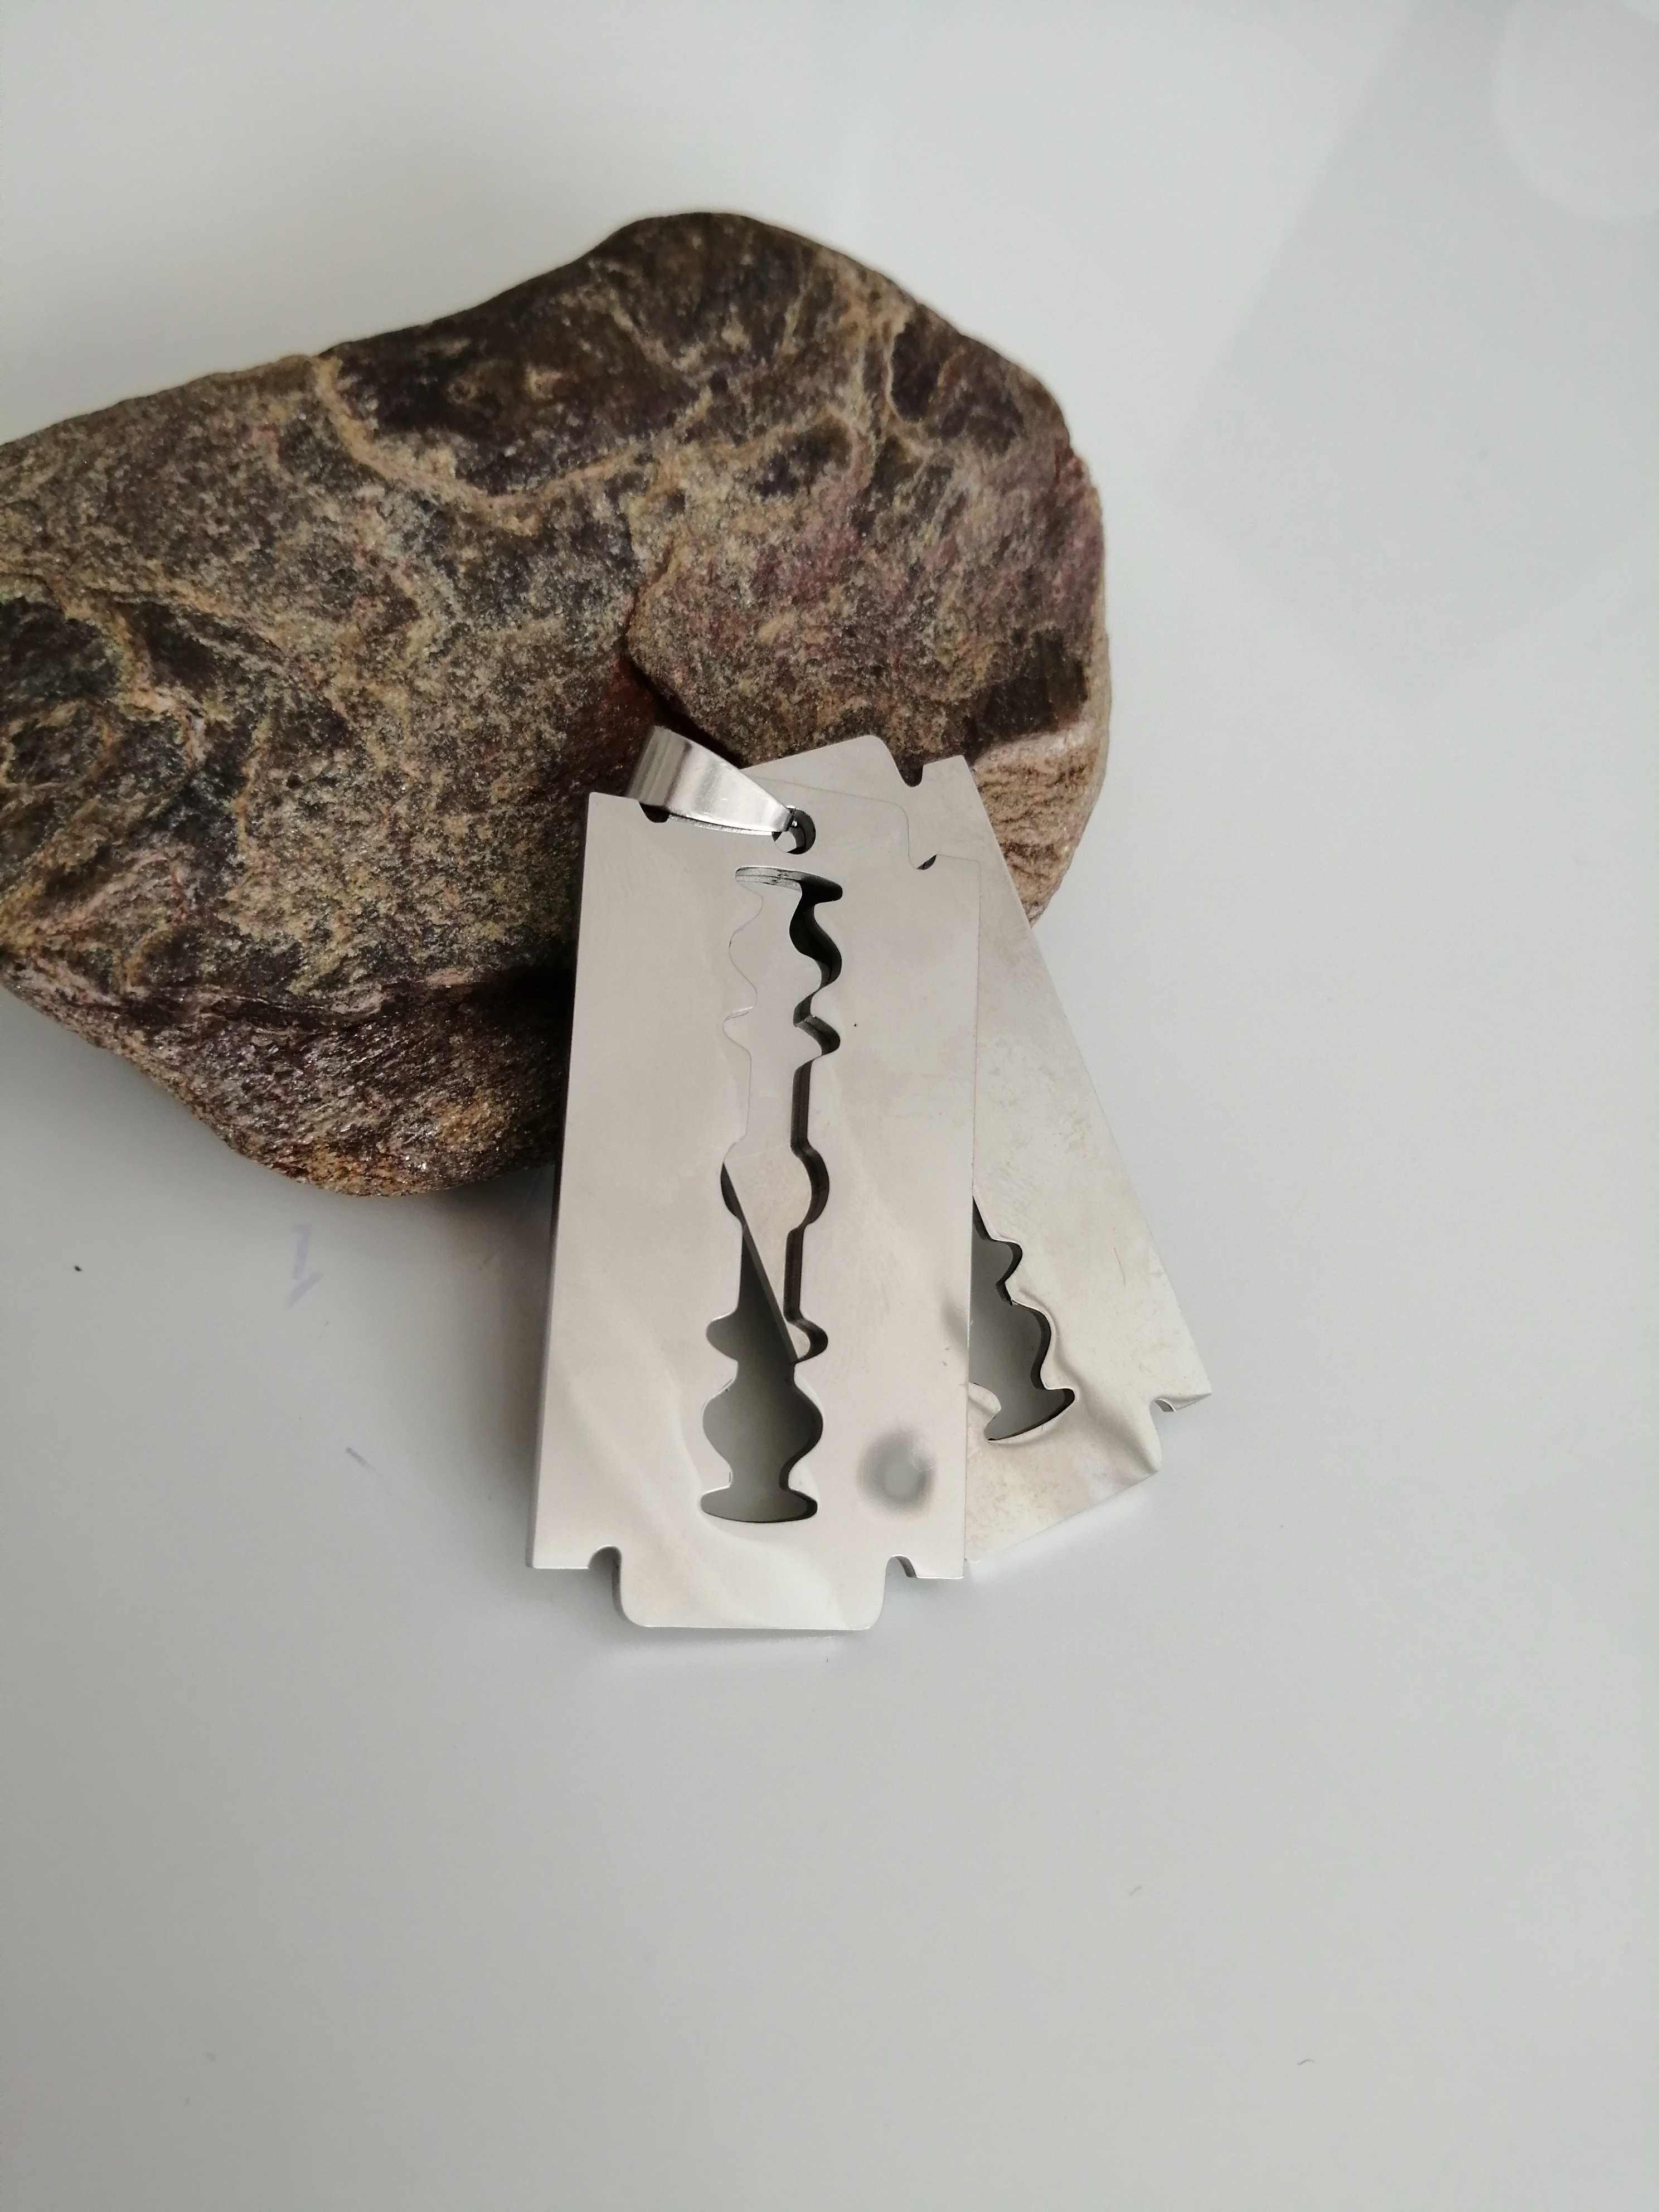 New arrival męska stal nierdzewna brzytwa wisiorek srebrny kolor łańcuszek z łańcuszkiem